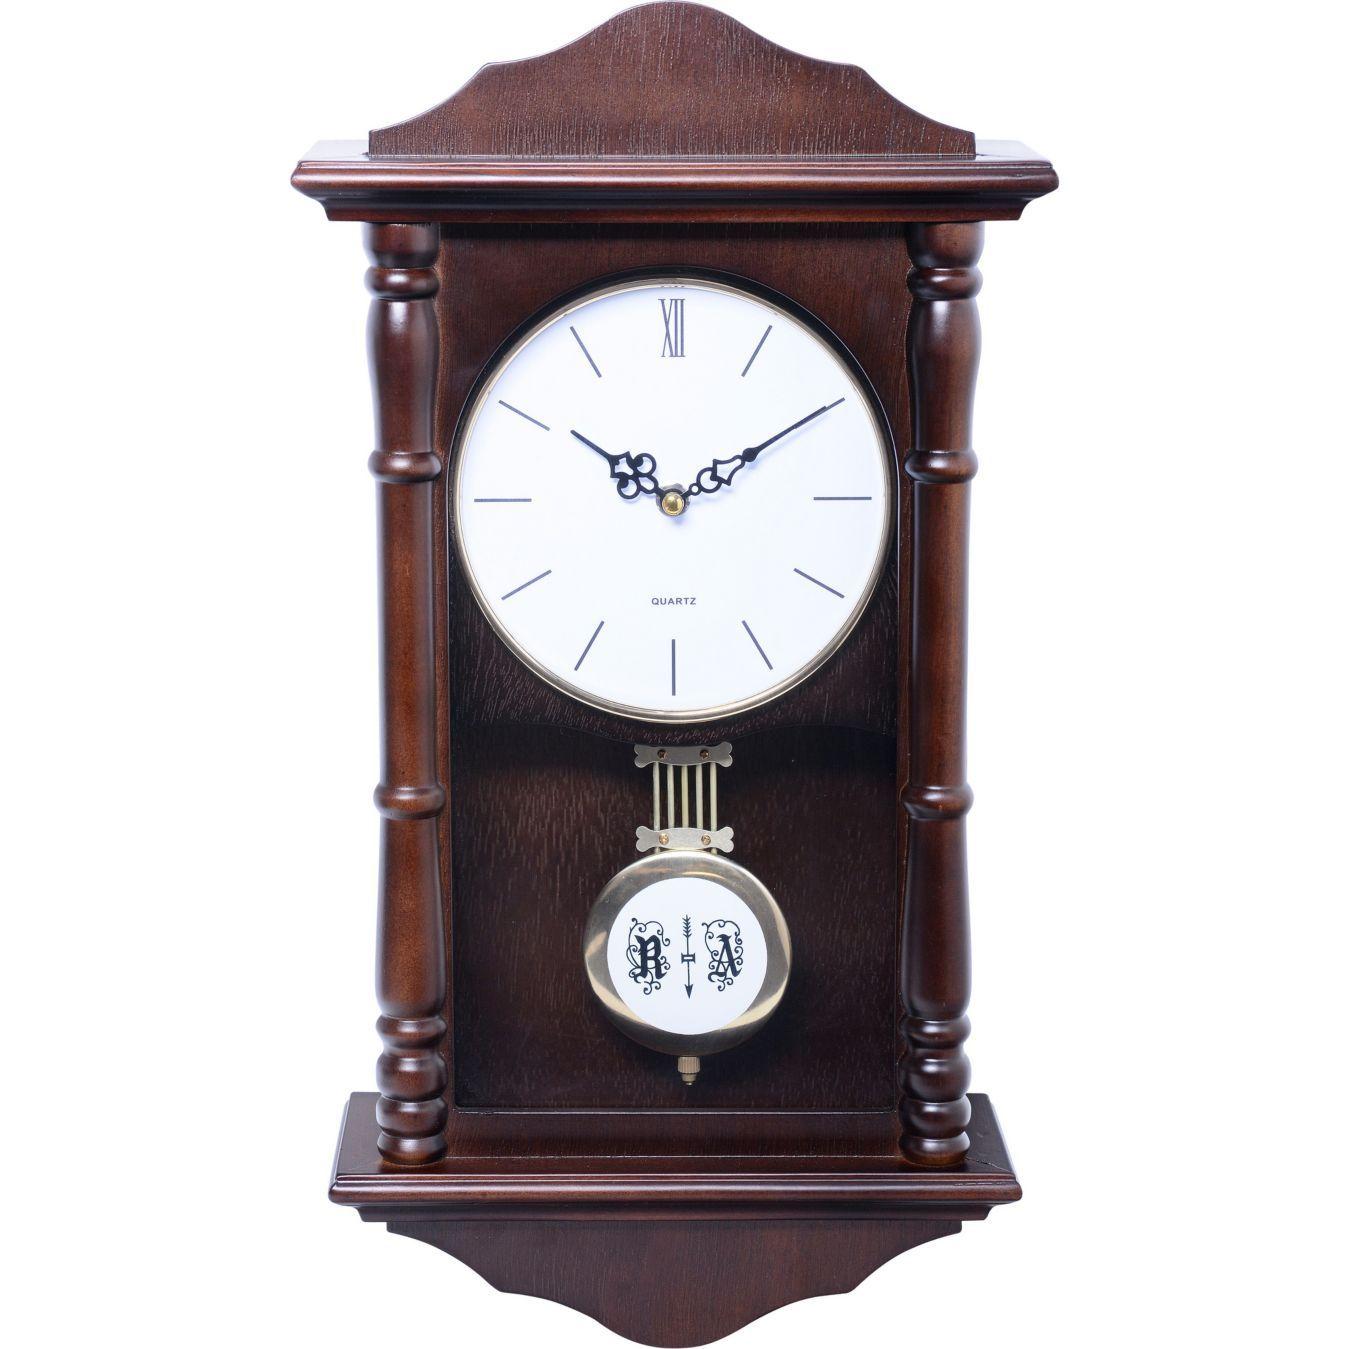 Homy Reloj P Ndulo 46 Cm Caf Bienvenido Bajos Y Reloj # Muebles Metinca